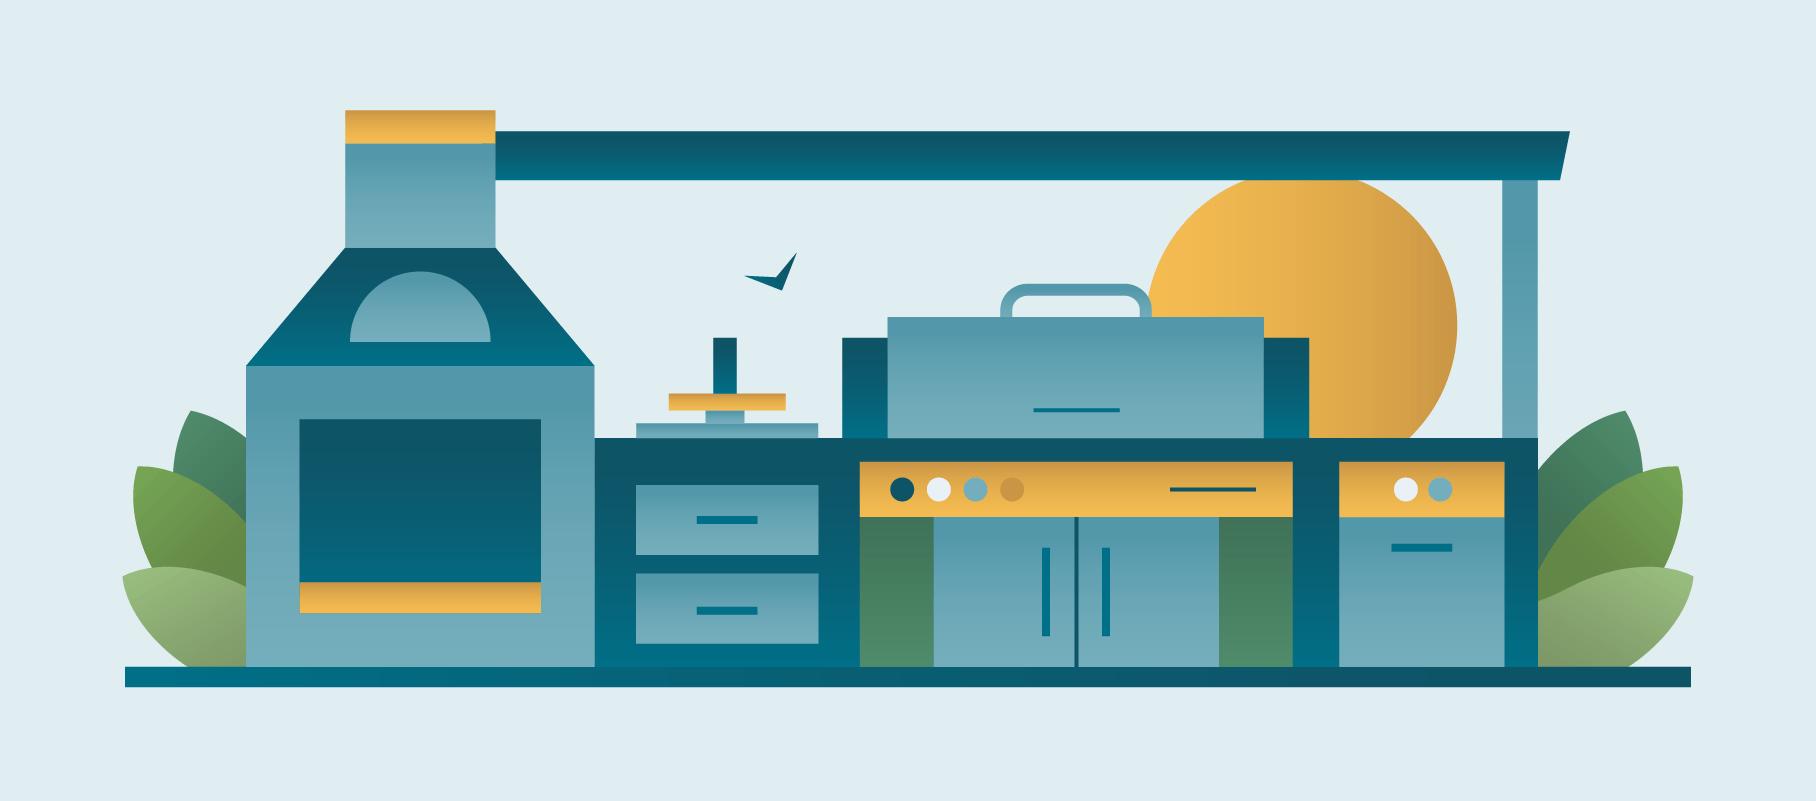 Luxury Outdoor Kitchen Illustration